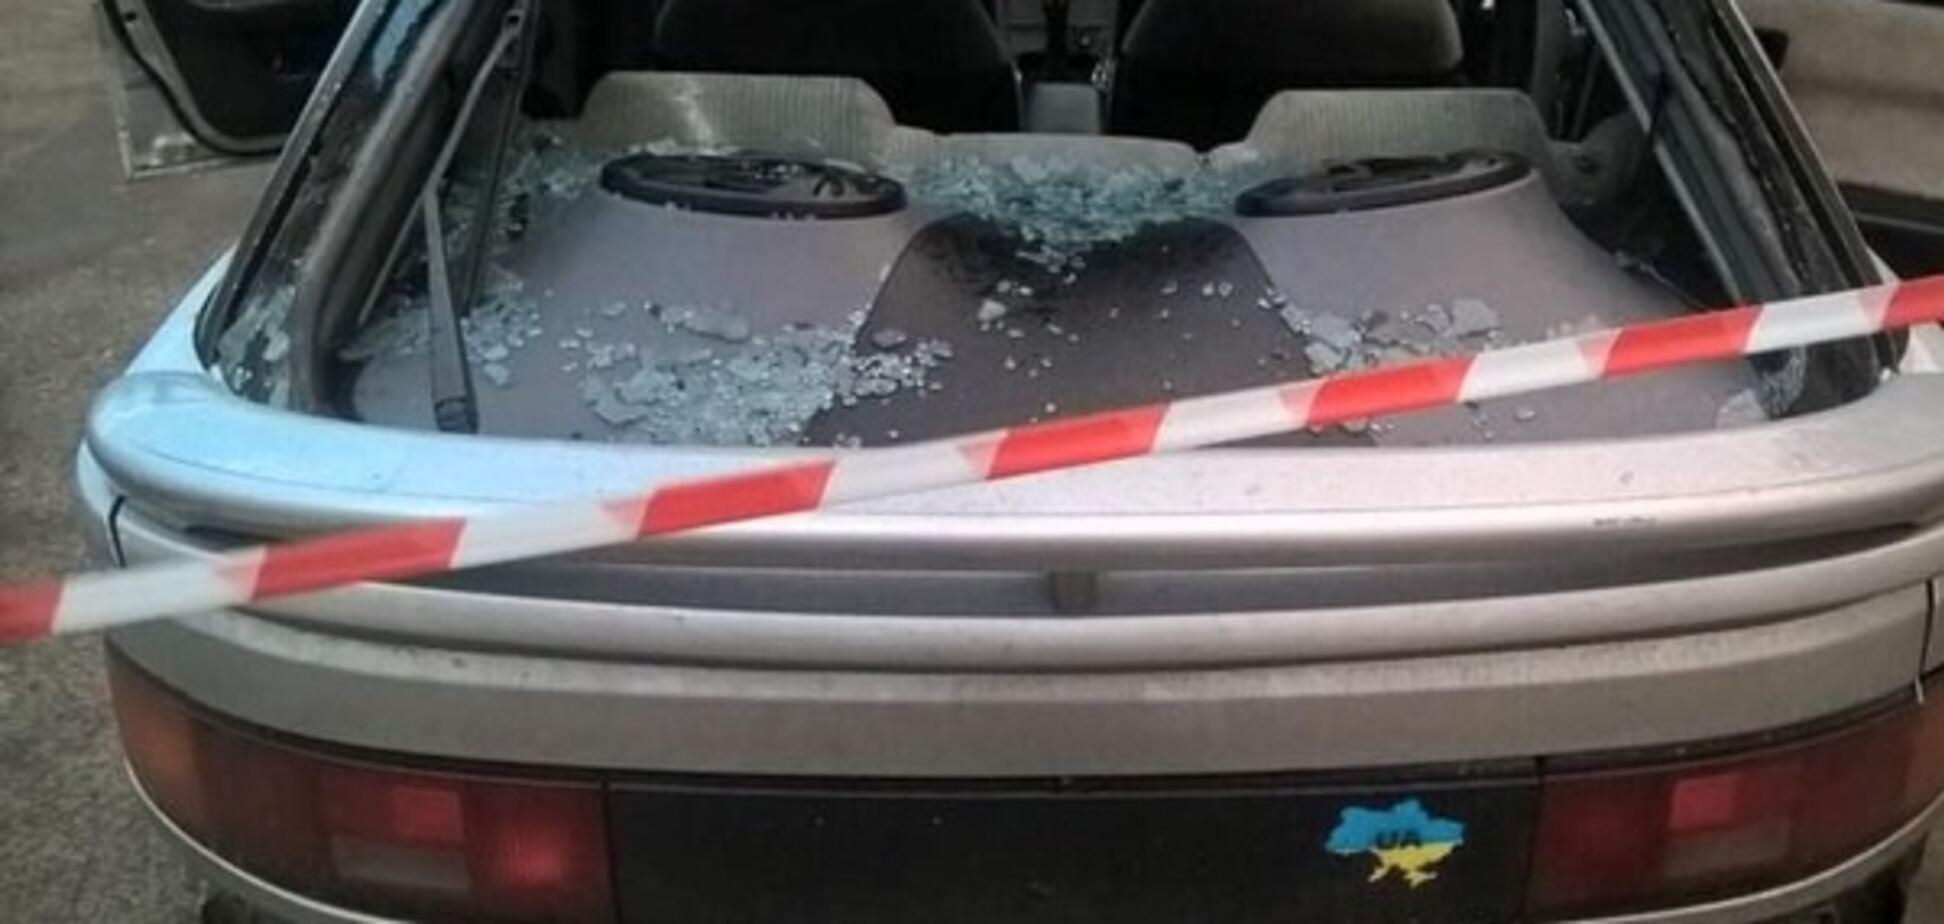 Київським патрульним довелося стріляти, щоб зупинити порушника: опубліковані фото